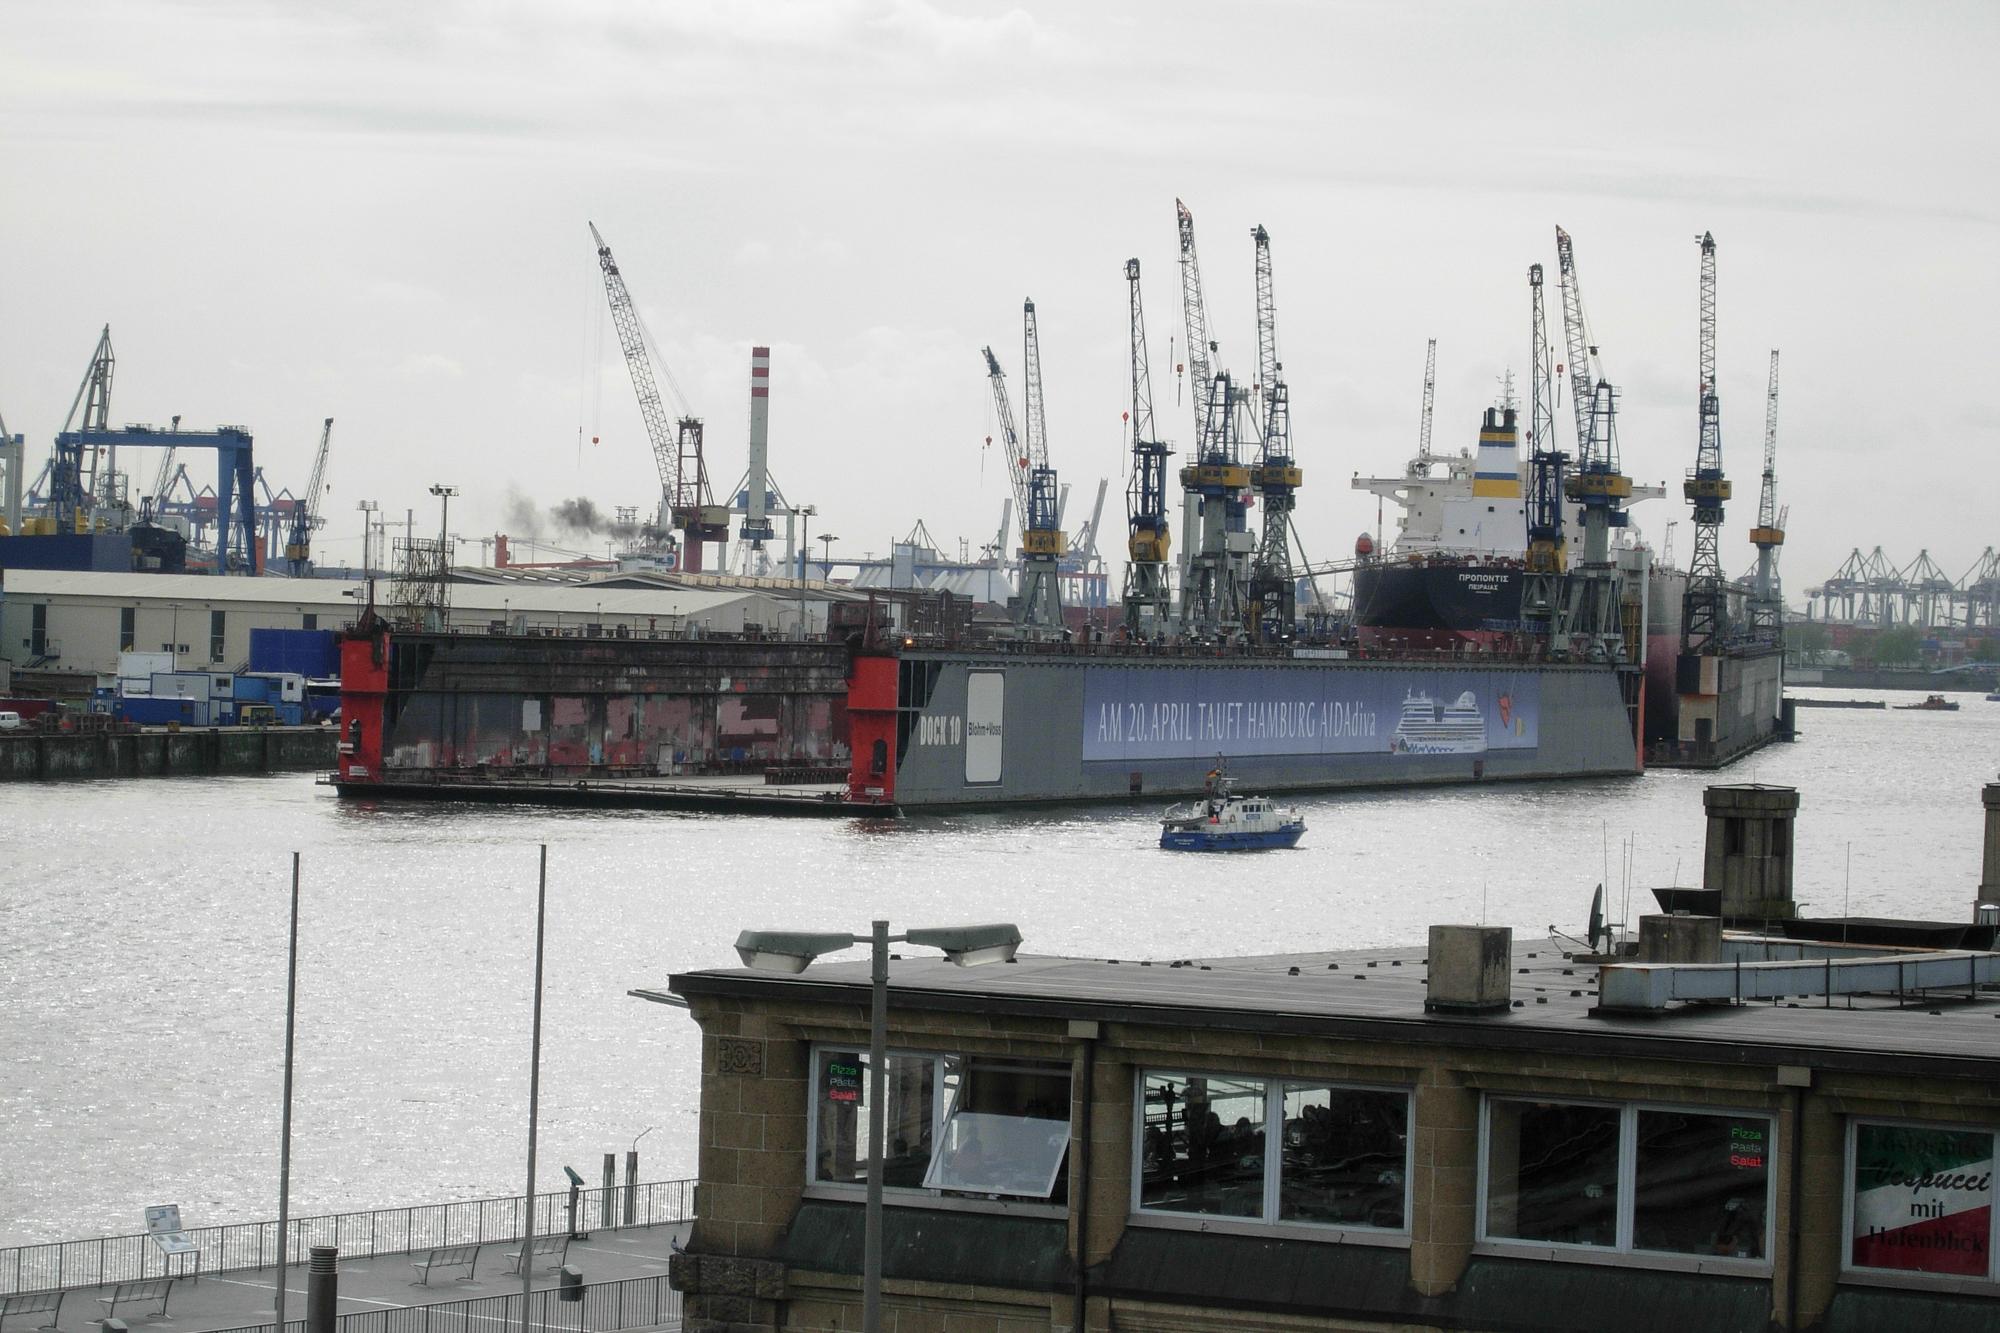 Shipyard, Elbe River